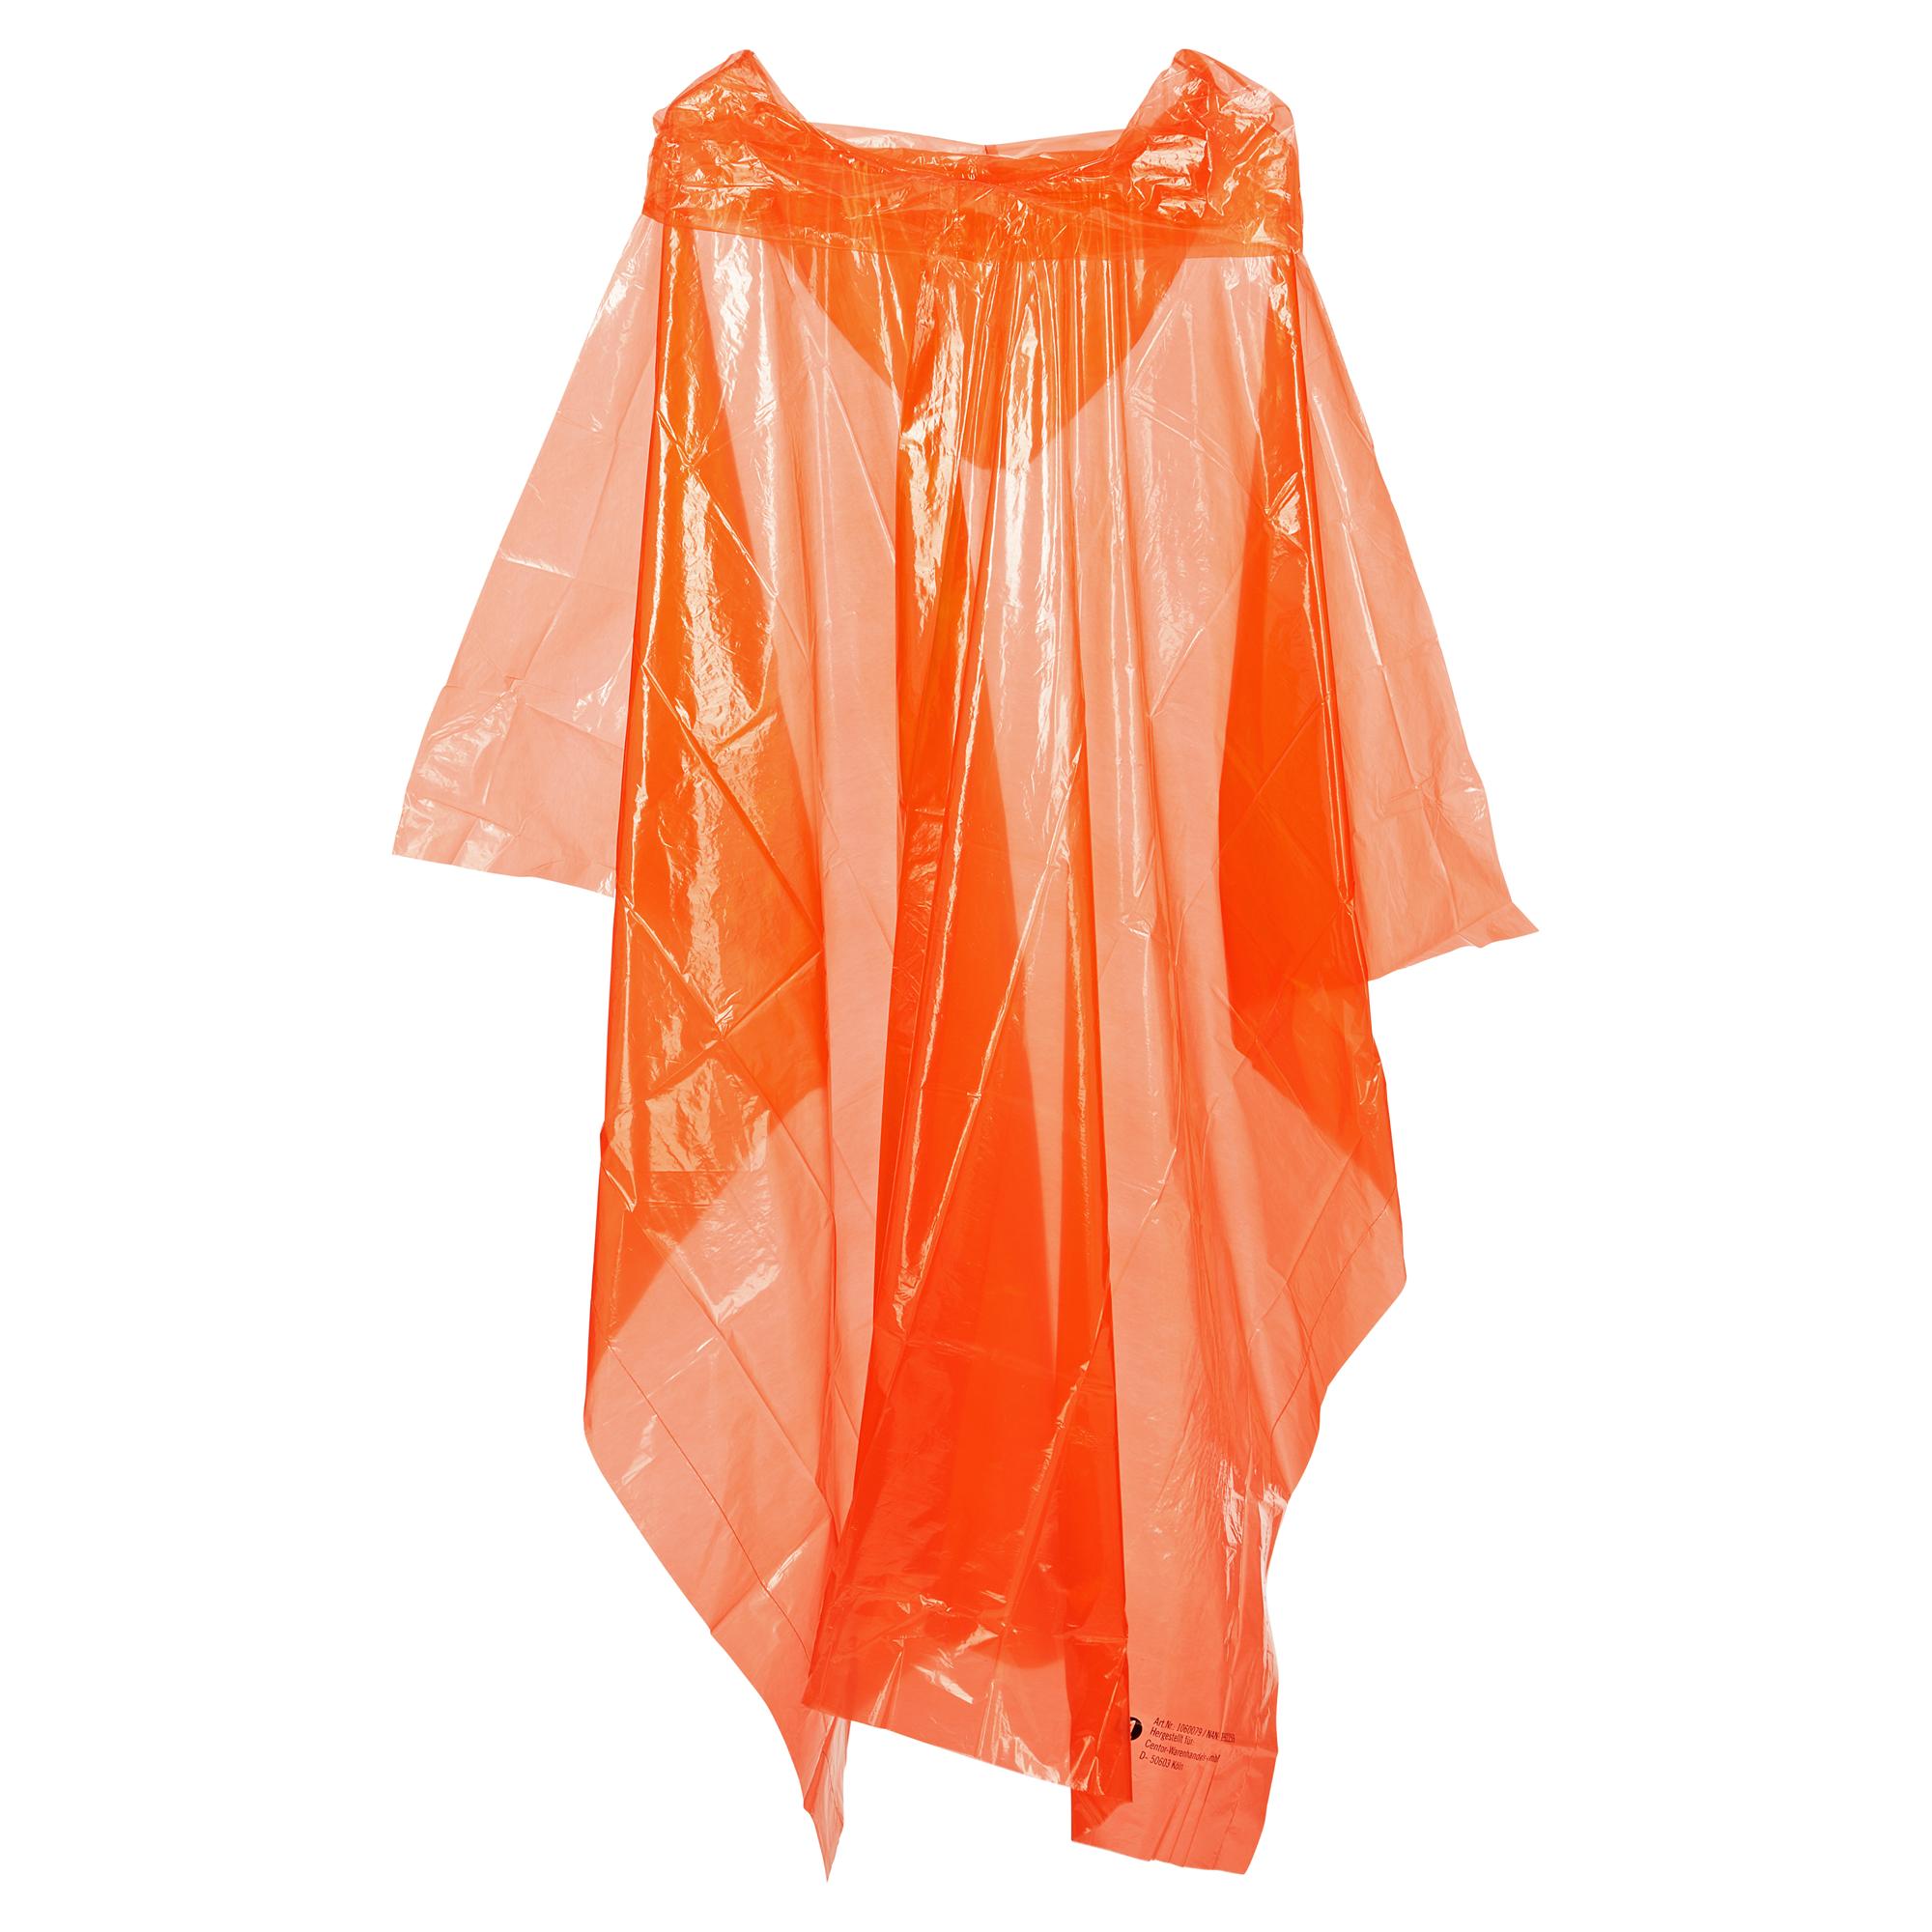 einweg regenponcho wo kaufen finest regenponcho transparent with einweg regenponcho wo kaufen. Black Bedroom Furniture Sets. Home Design Ideas